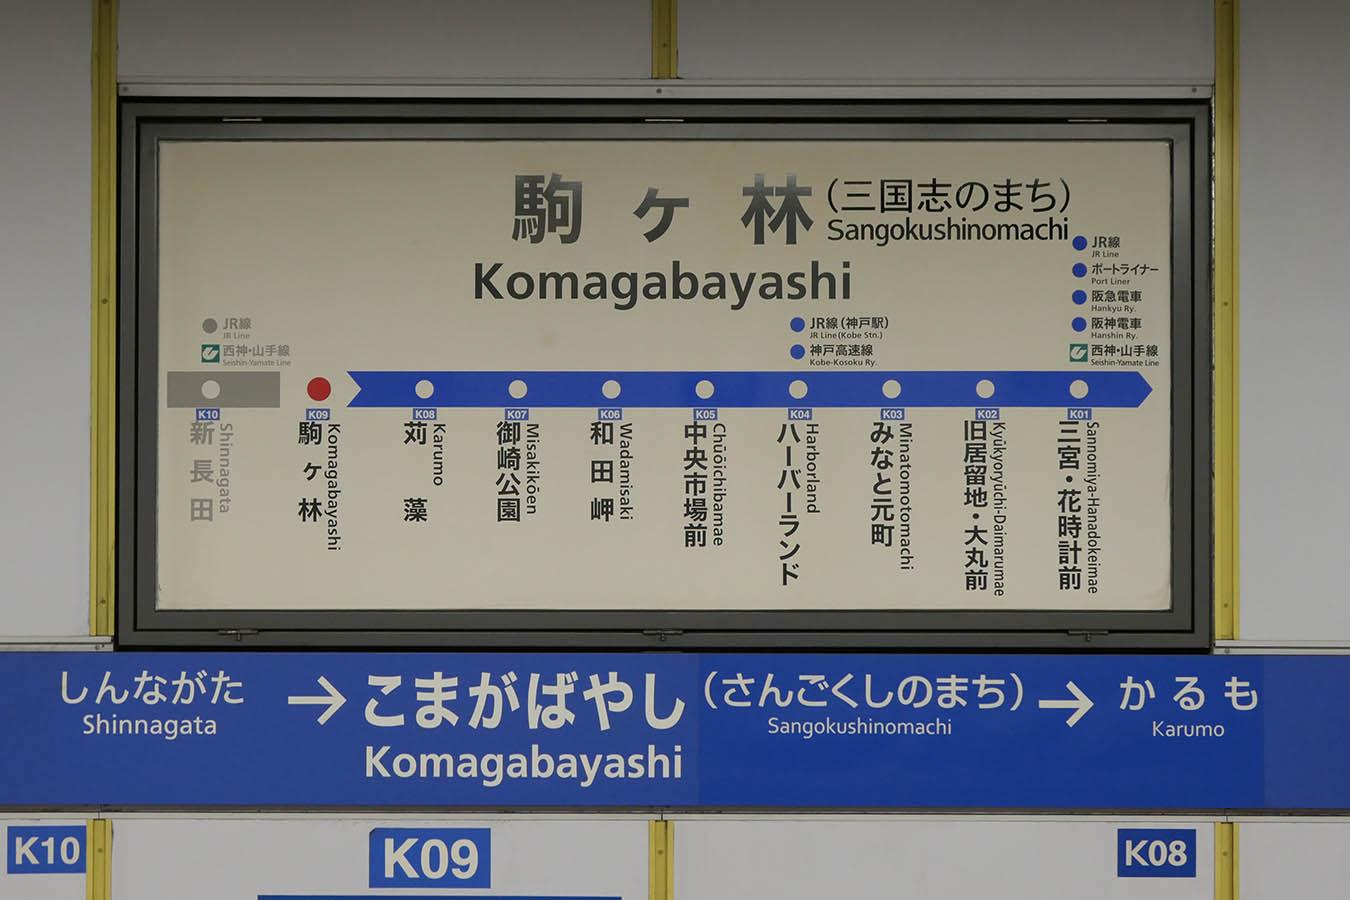 K09_photo05.jpg